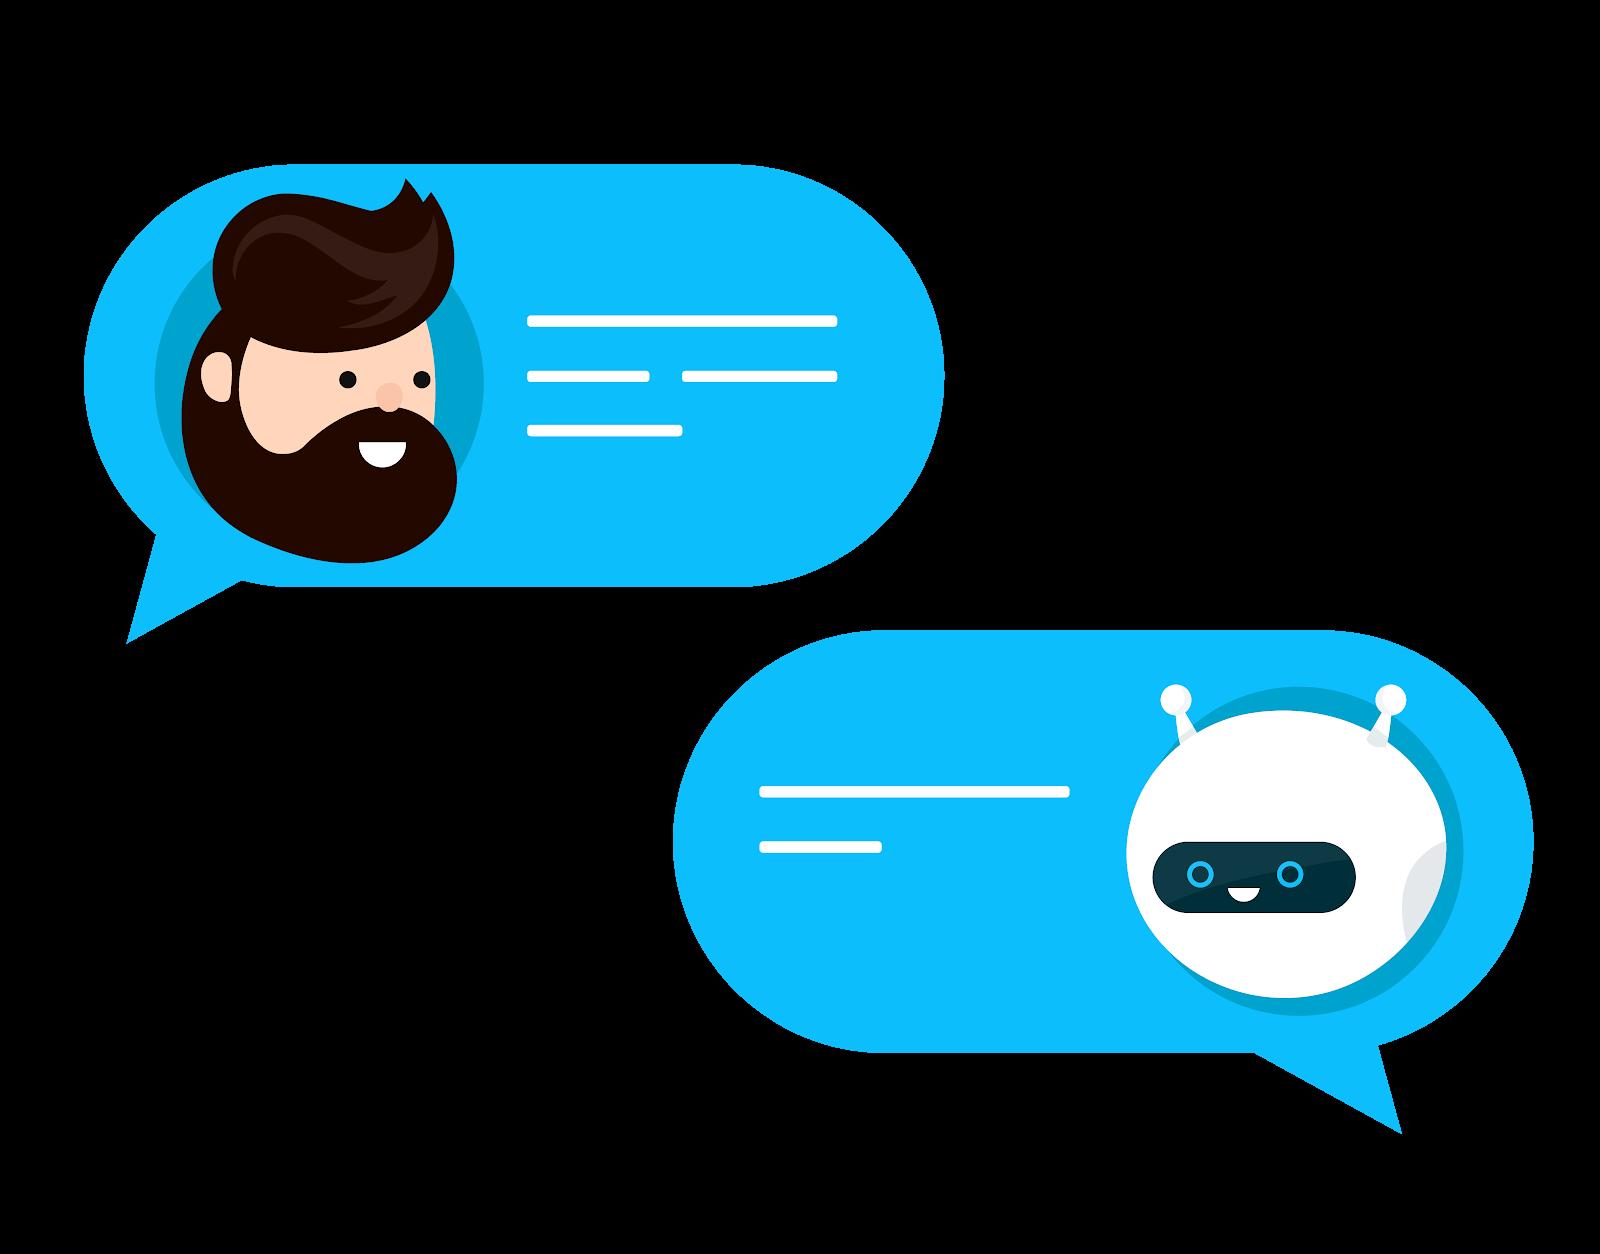 Cách sử dụng Chatbot trong bán hàng online hiệu quả